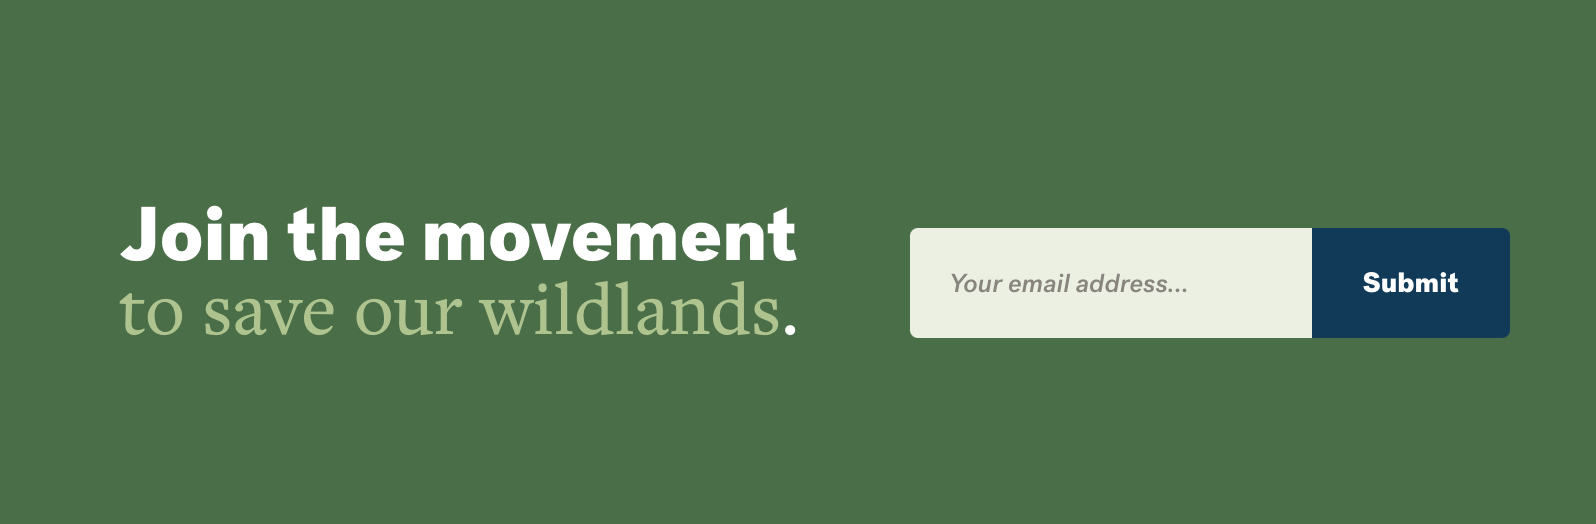 Boletín de correo electrónico Registrarse Llamado a la acción (captura de pantalla)